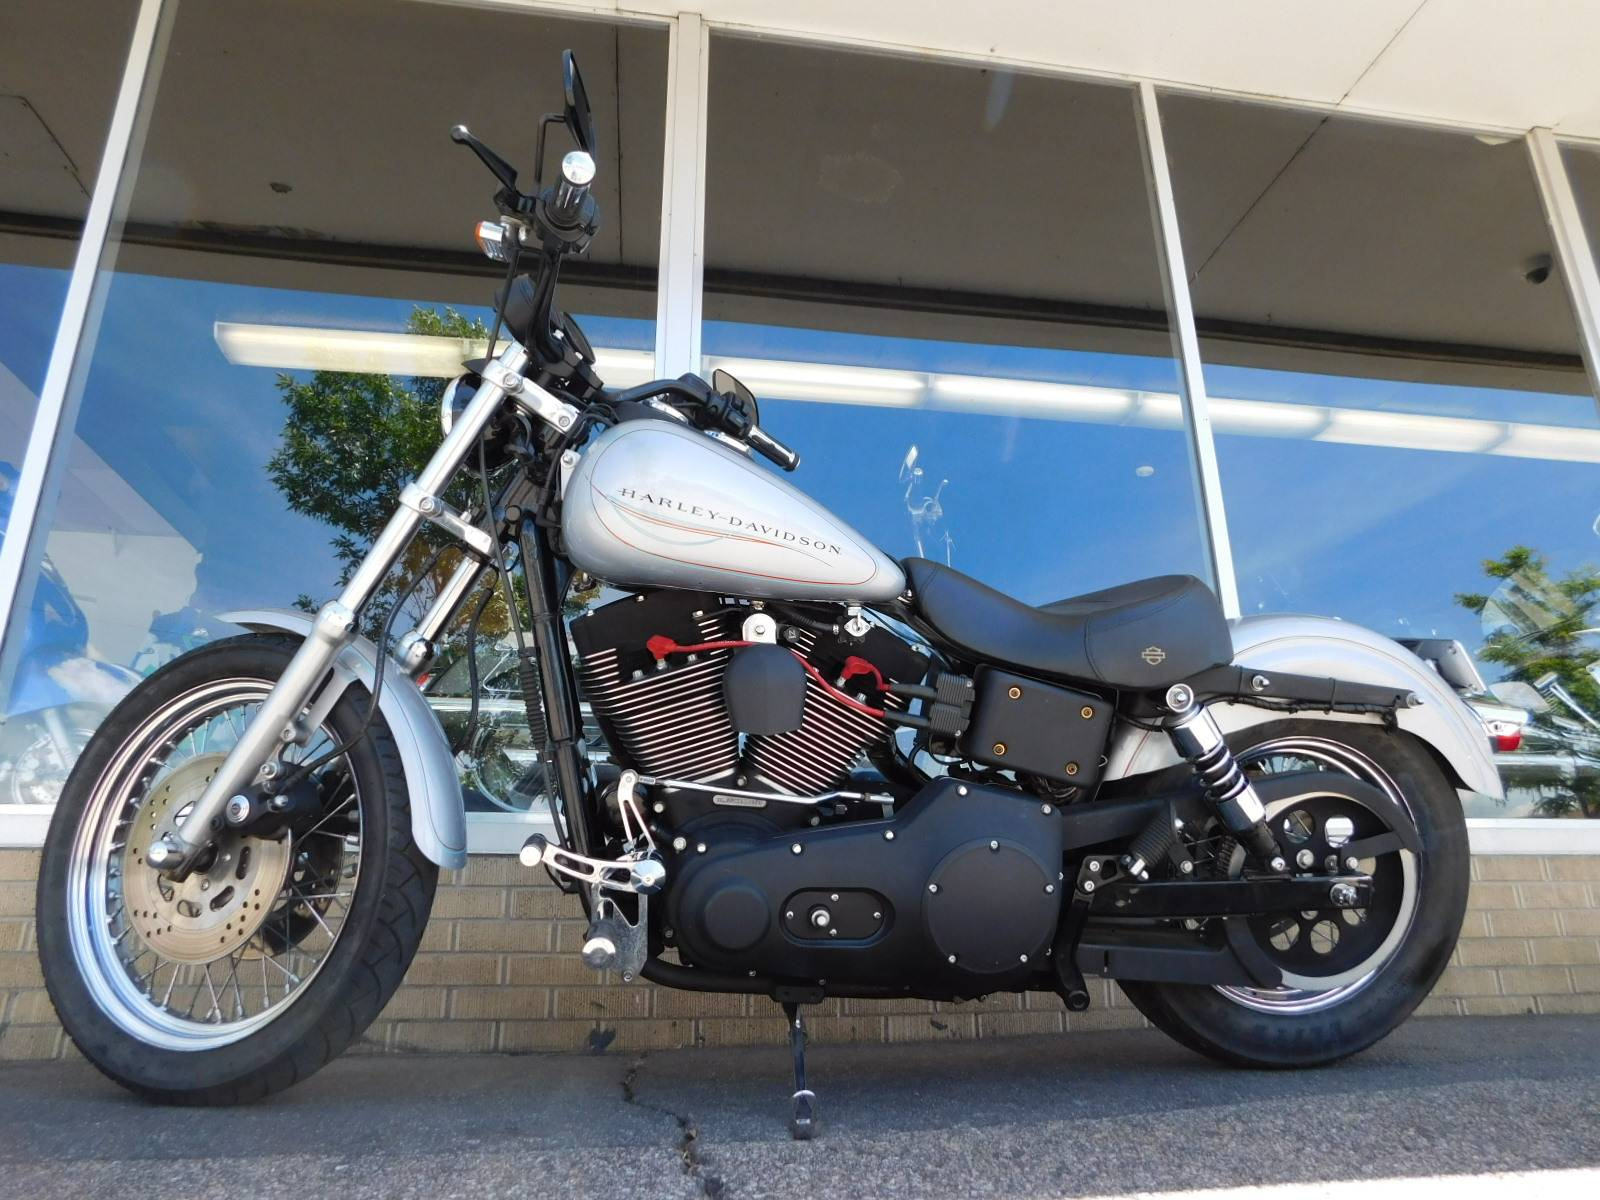 1999 harley davidson fxdx dyna super glide sport motorcycles loveland colorado. Black Bedroom Furniture Sets. Home Design Ideas